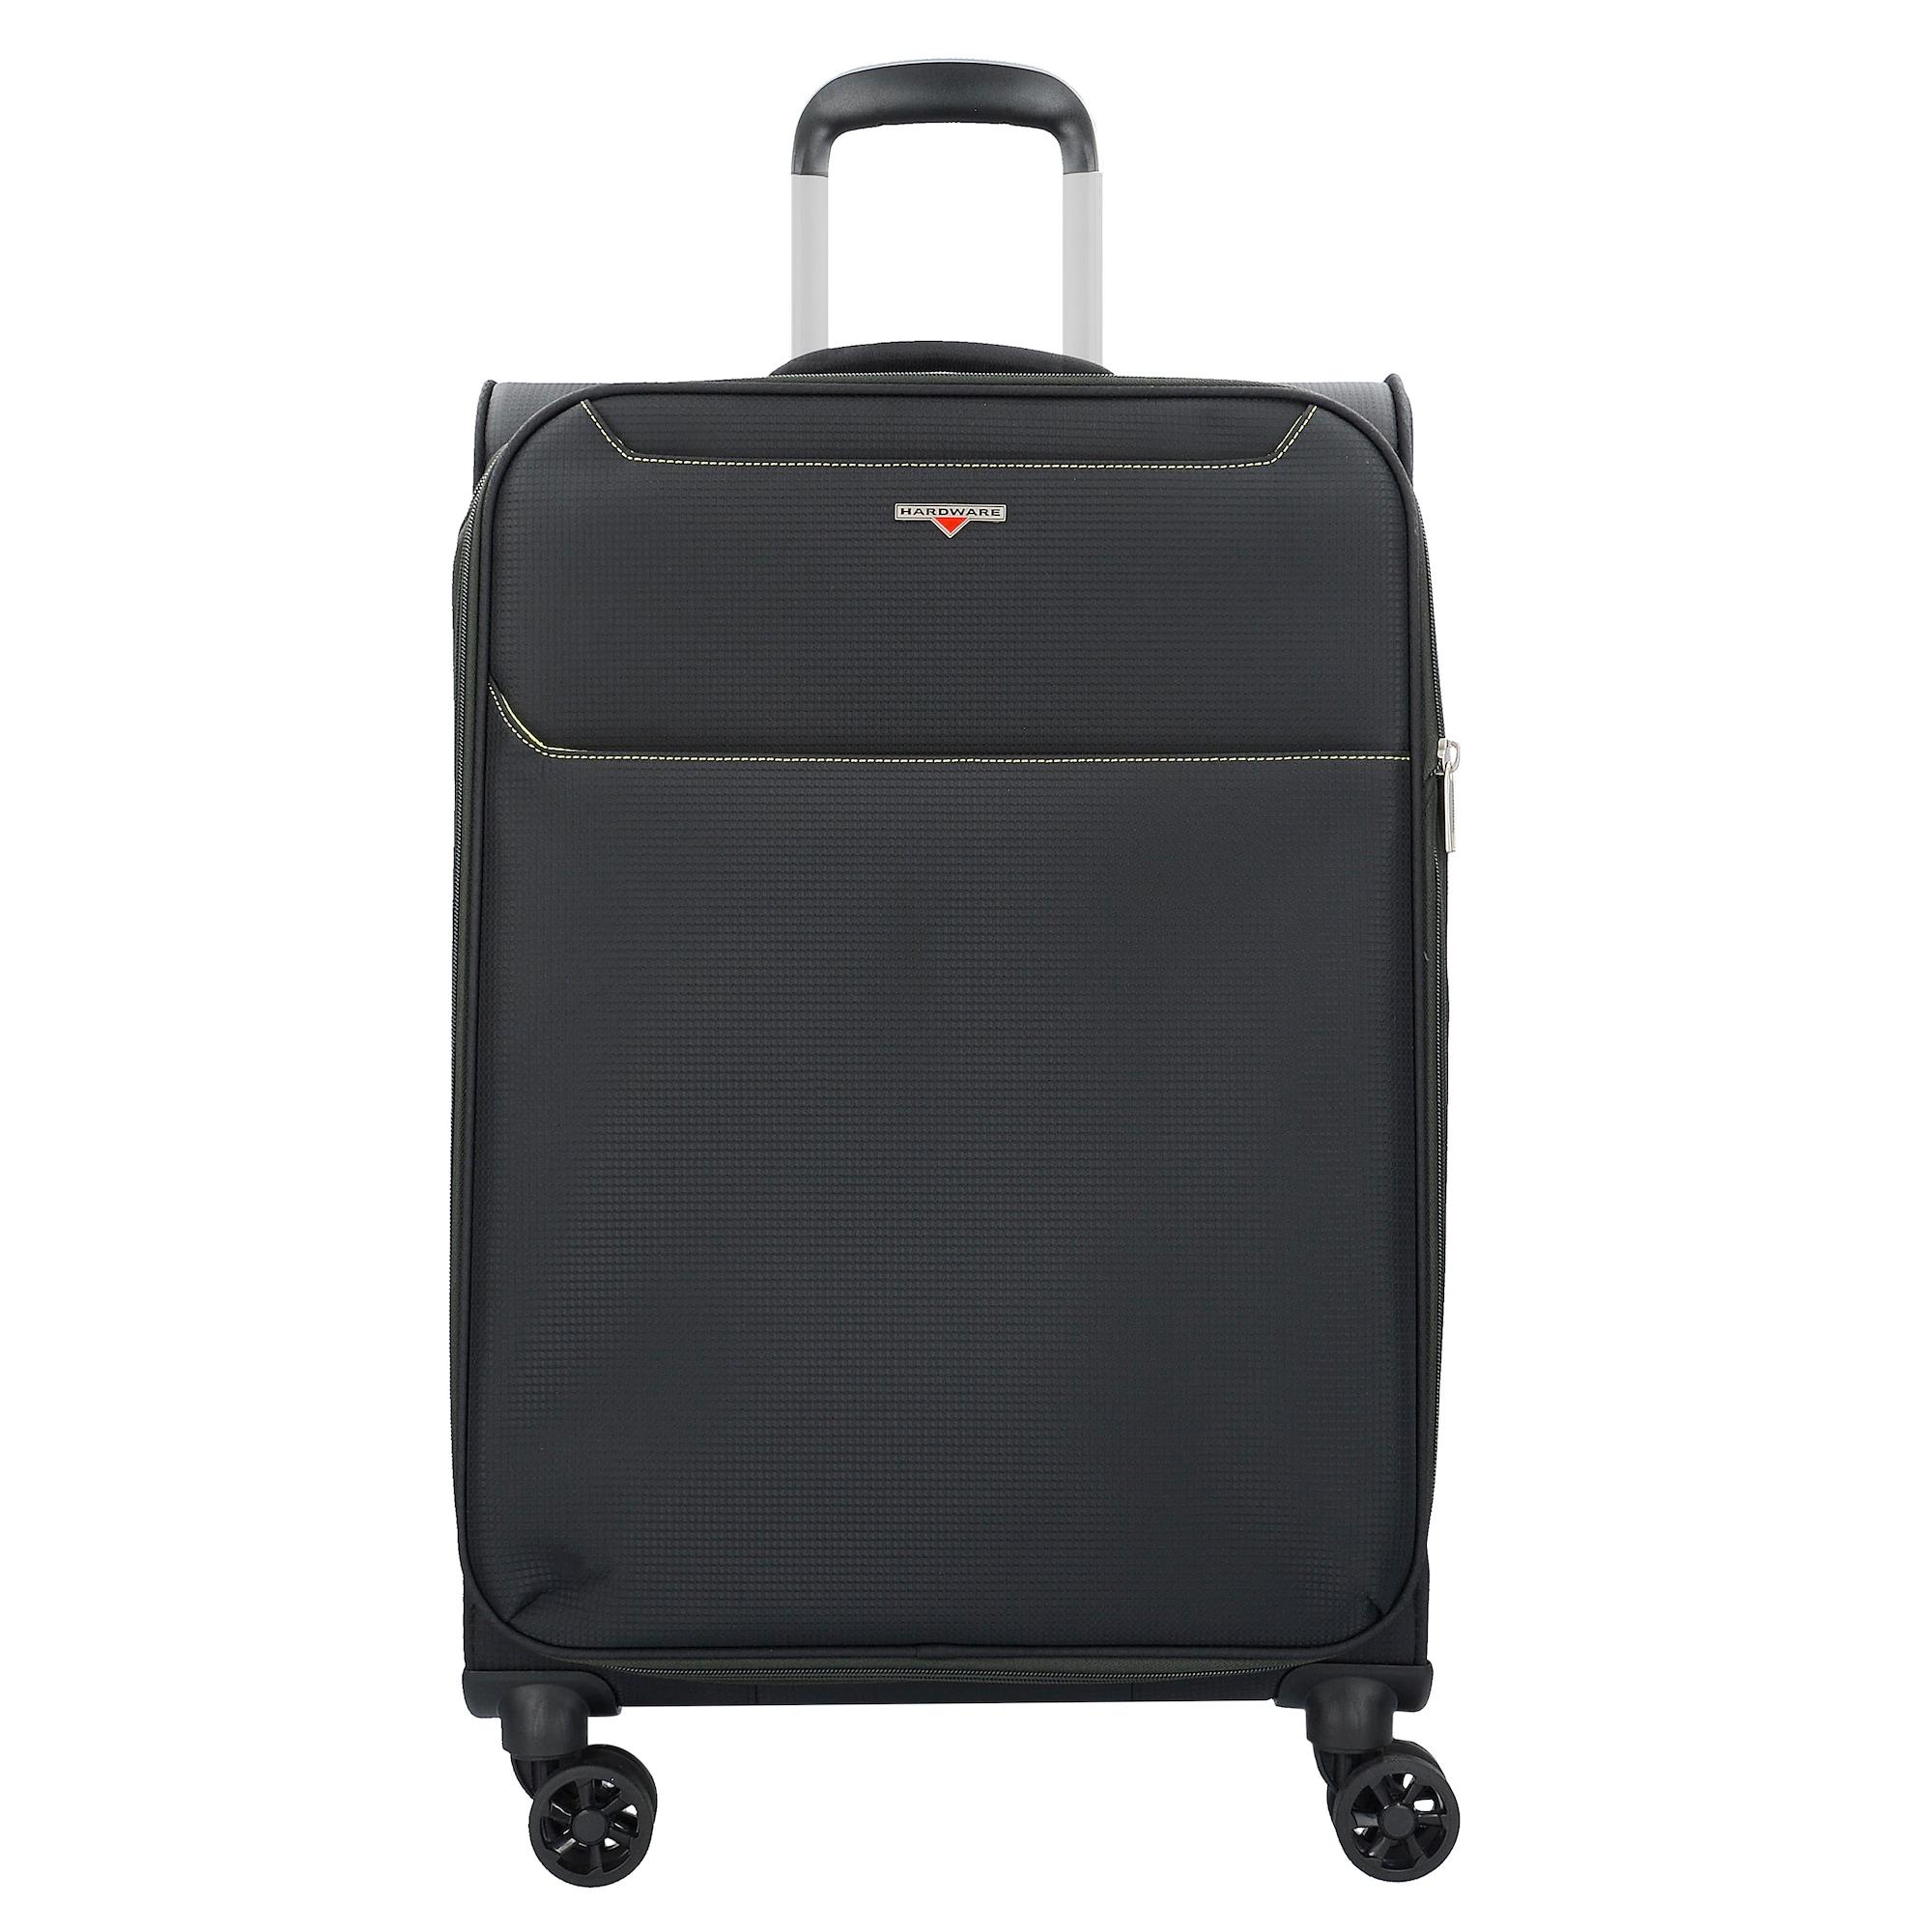 Trolley | Taschen > Koffer & Trolleys > Trolleys | Hardware